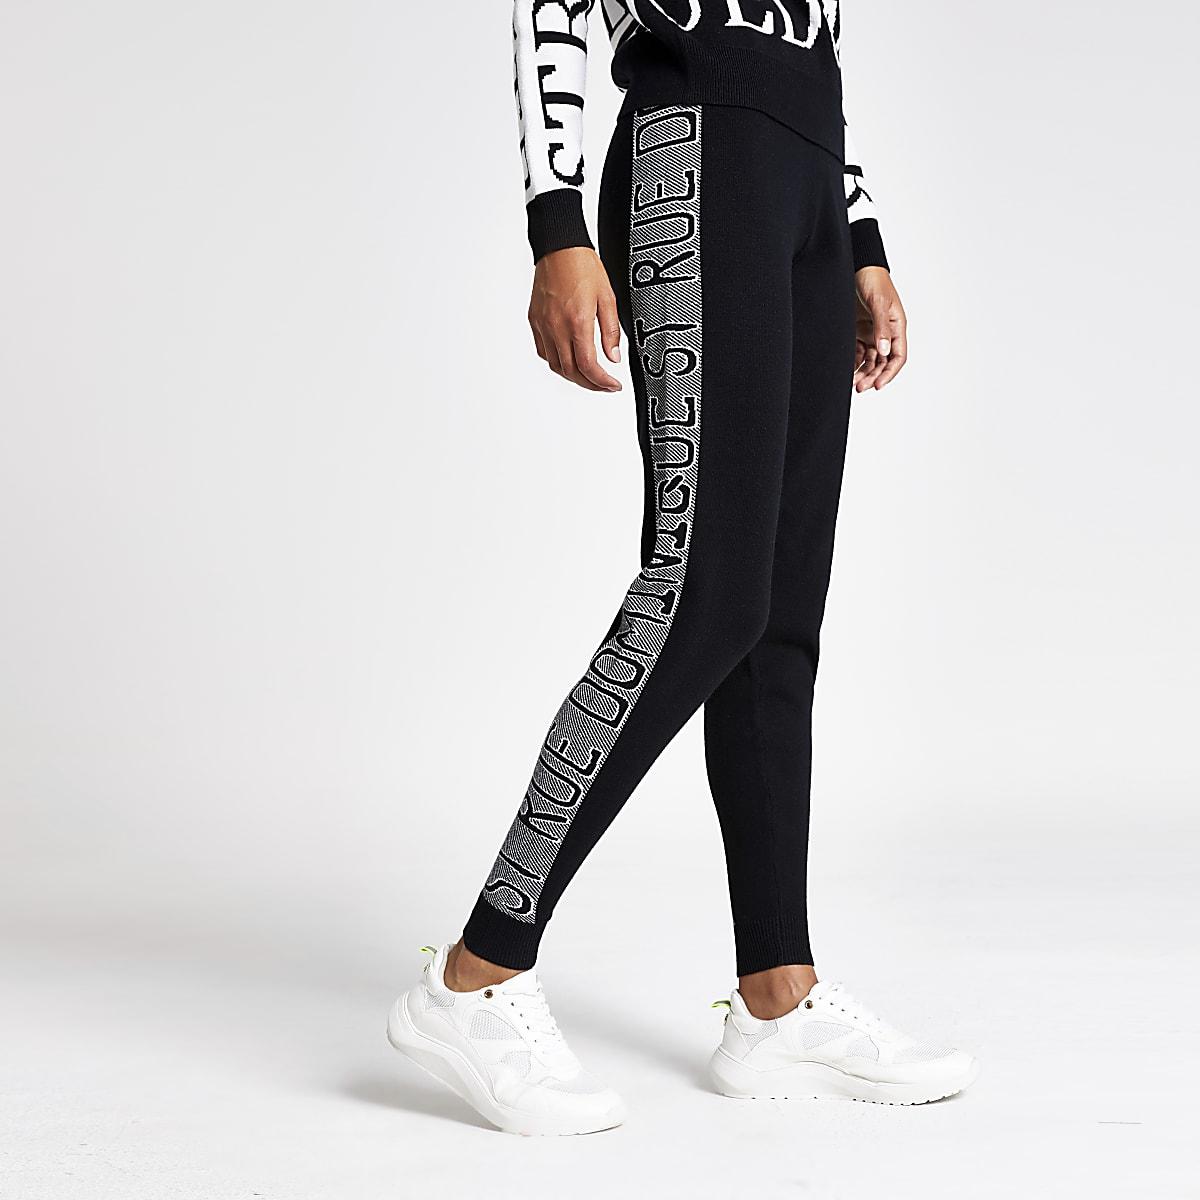 Pantalon de jogging noir avec inscription